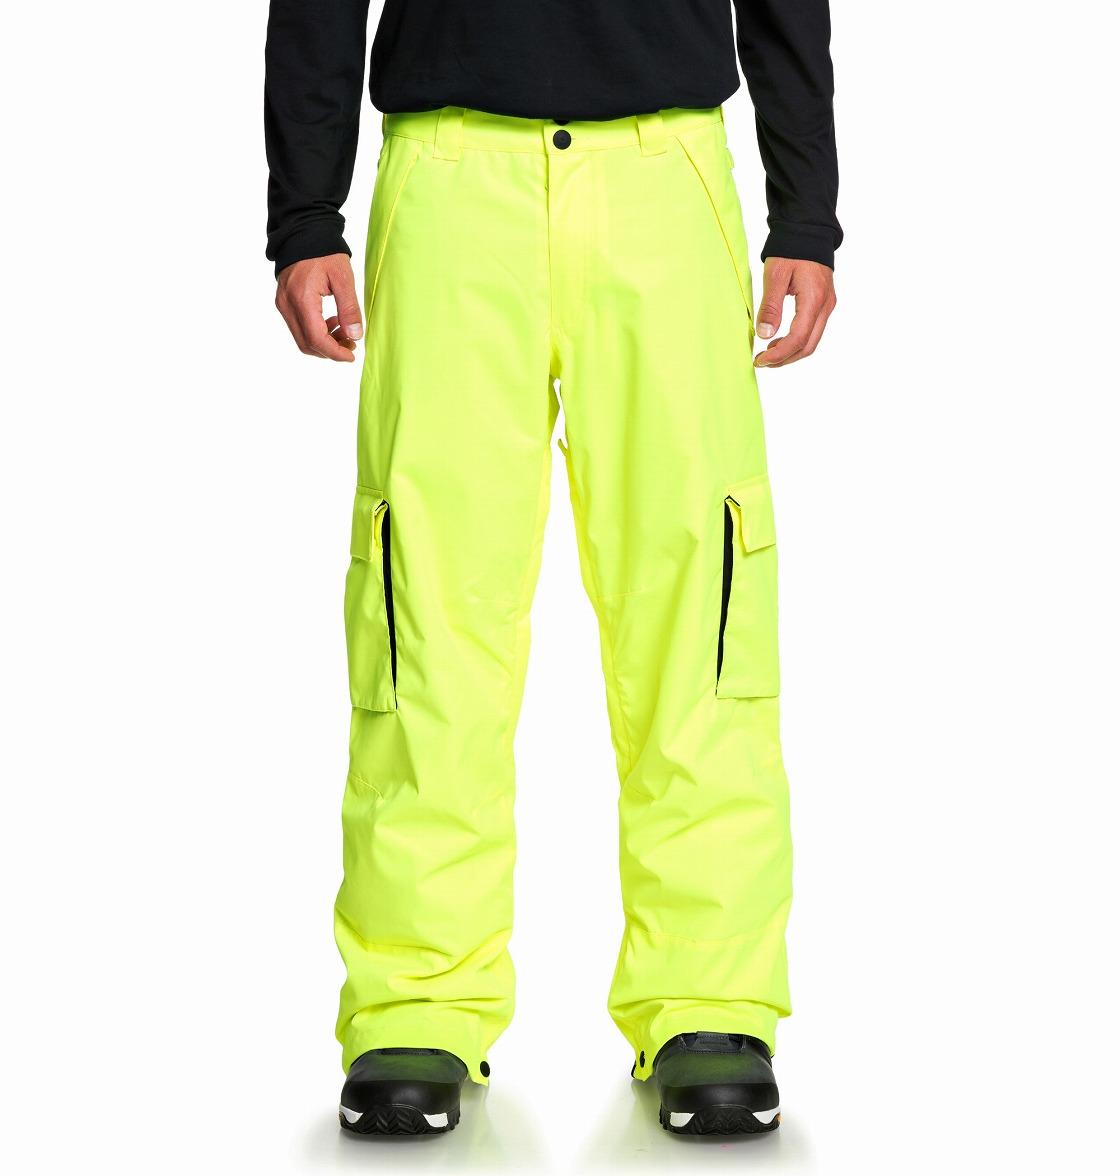 ディーシーシューズ DC SHOES  BANSHEE PNT スキー スノボー パンツ ボトムス ウェア ウエア ウィンタースポーツ 【EDYTP03047 YHJ0】